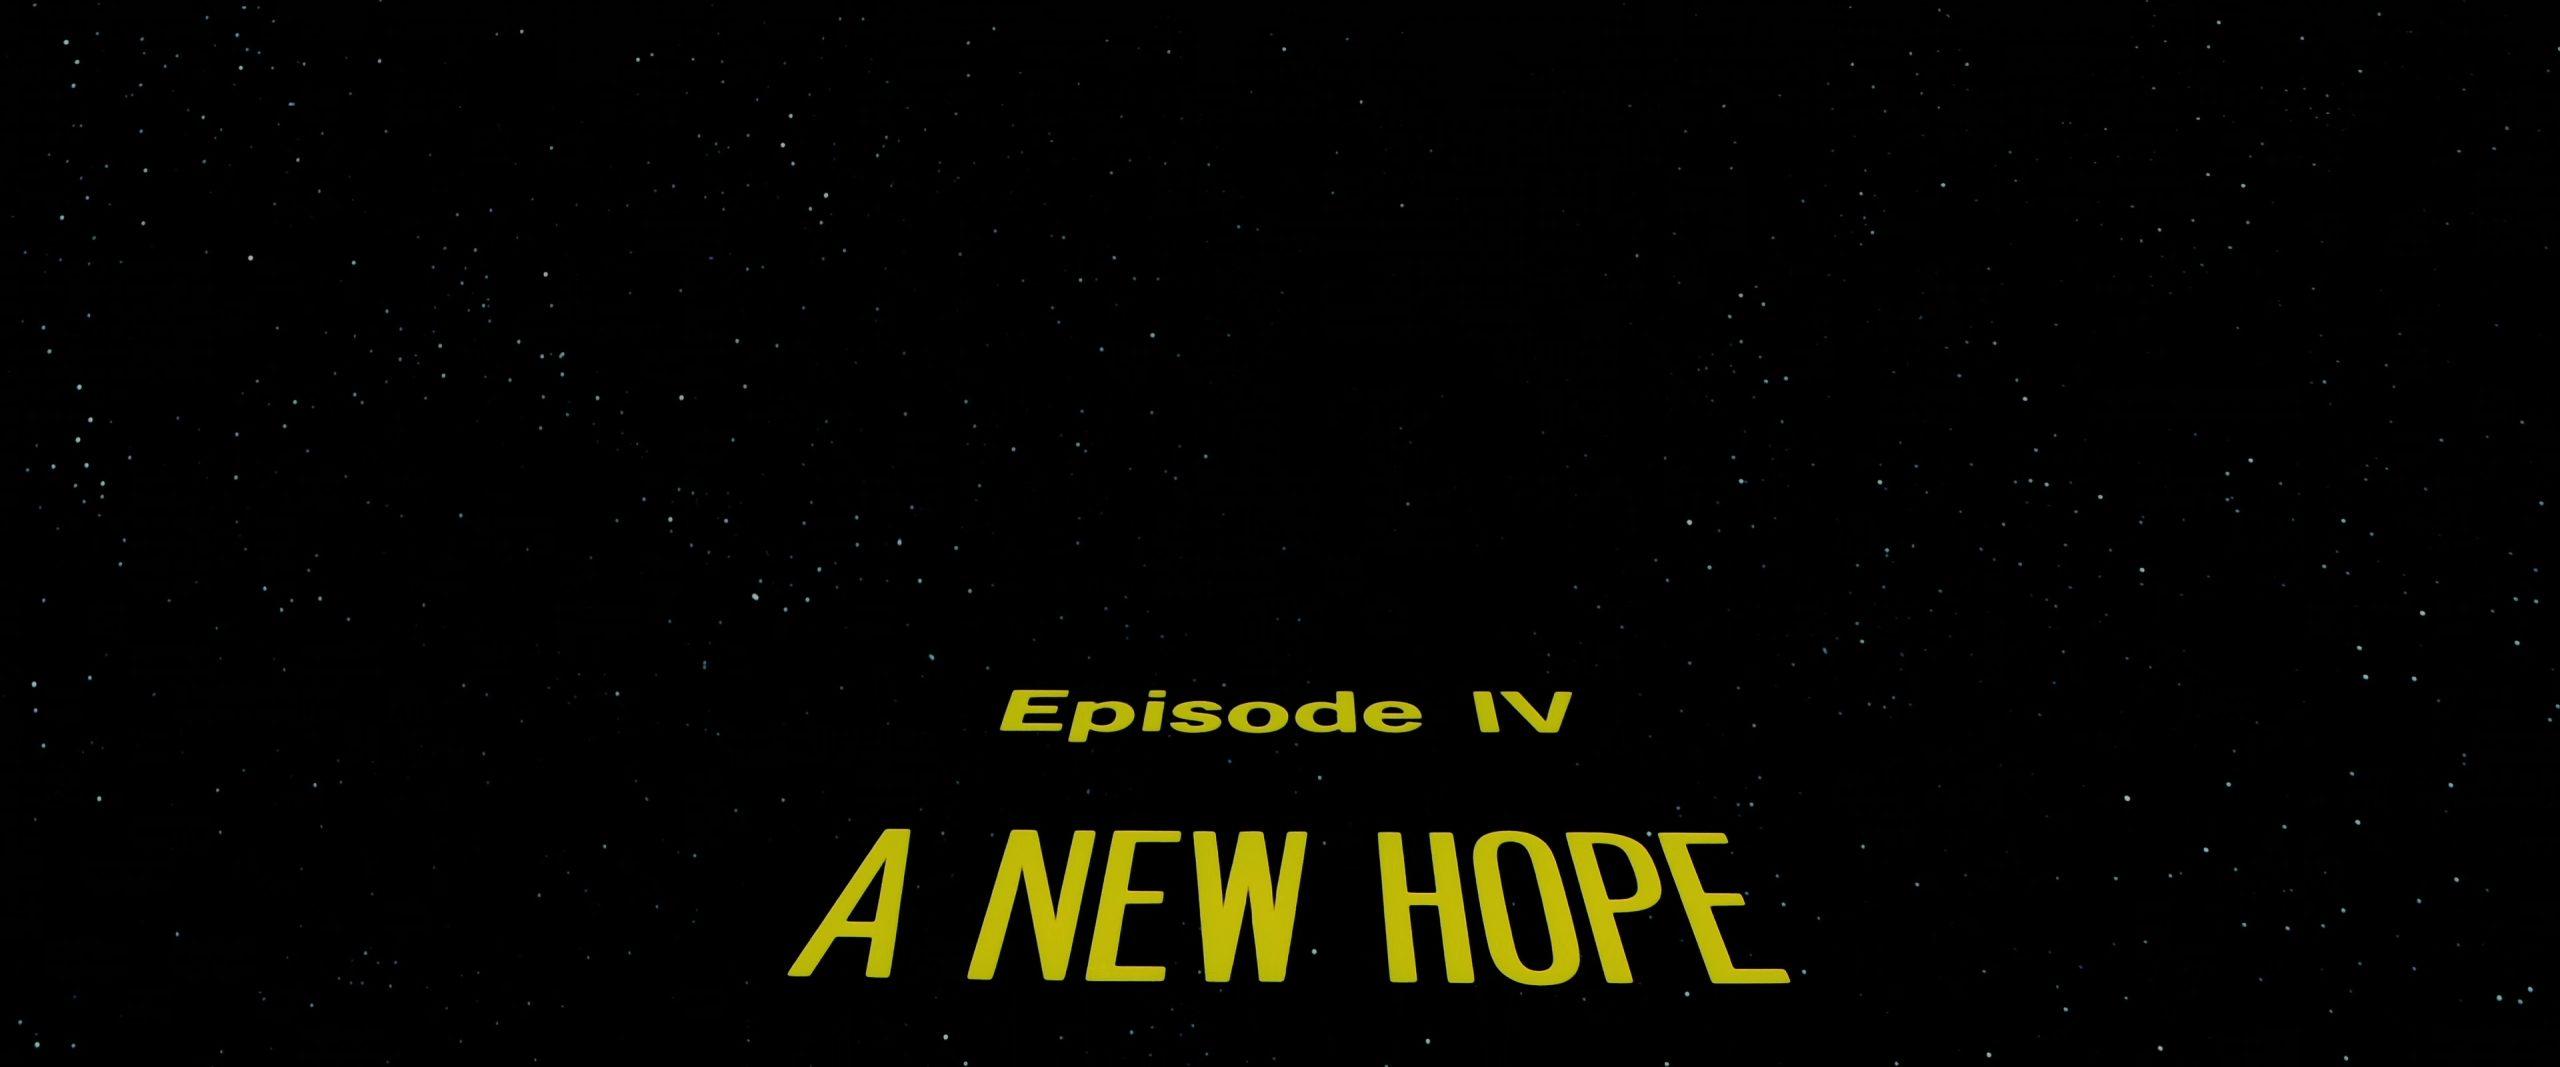 Star Wars: Episode IV – A New Hope (1977) [4K]